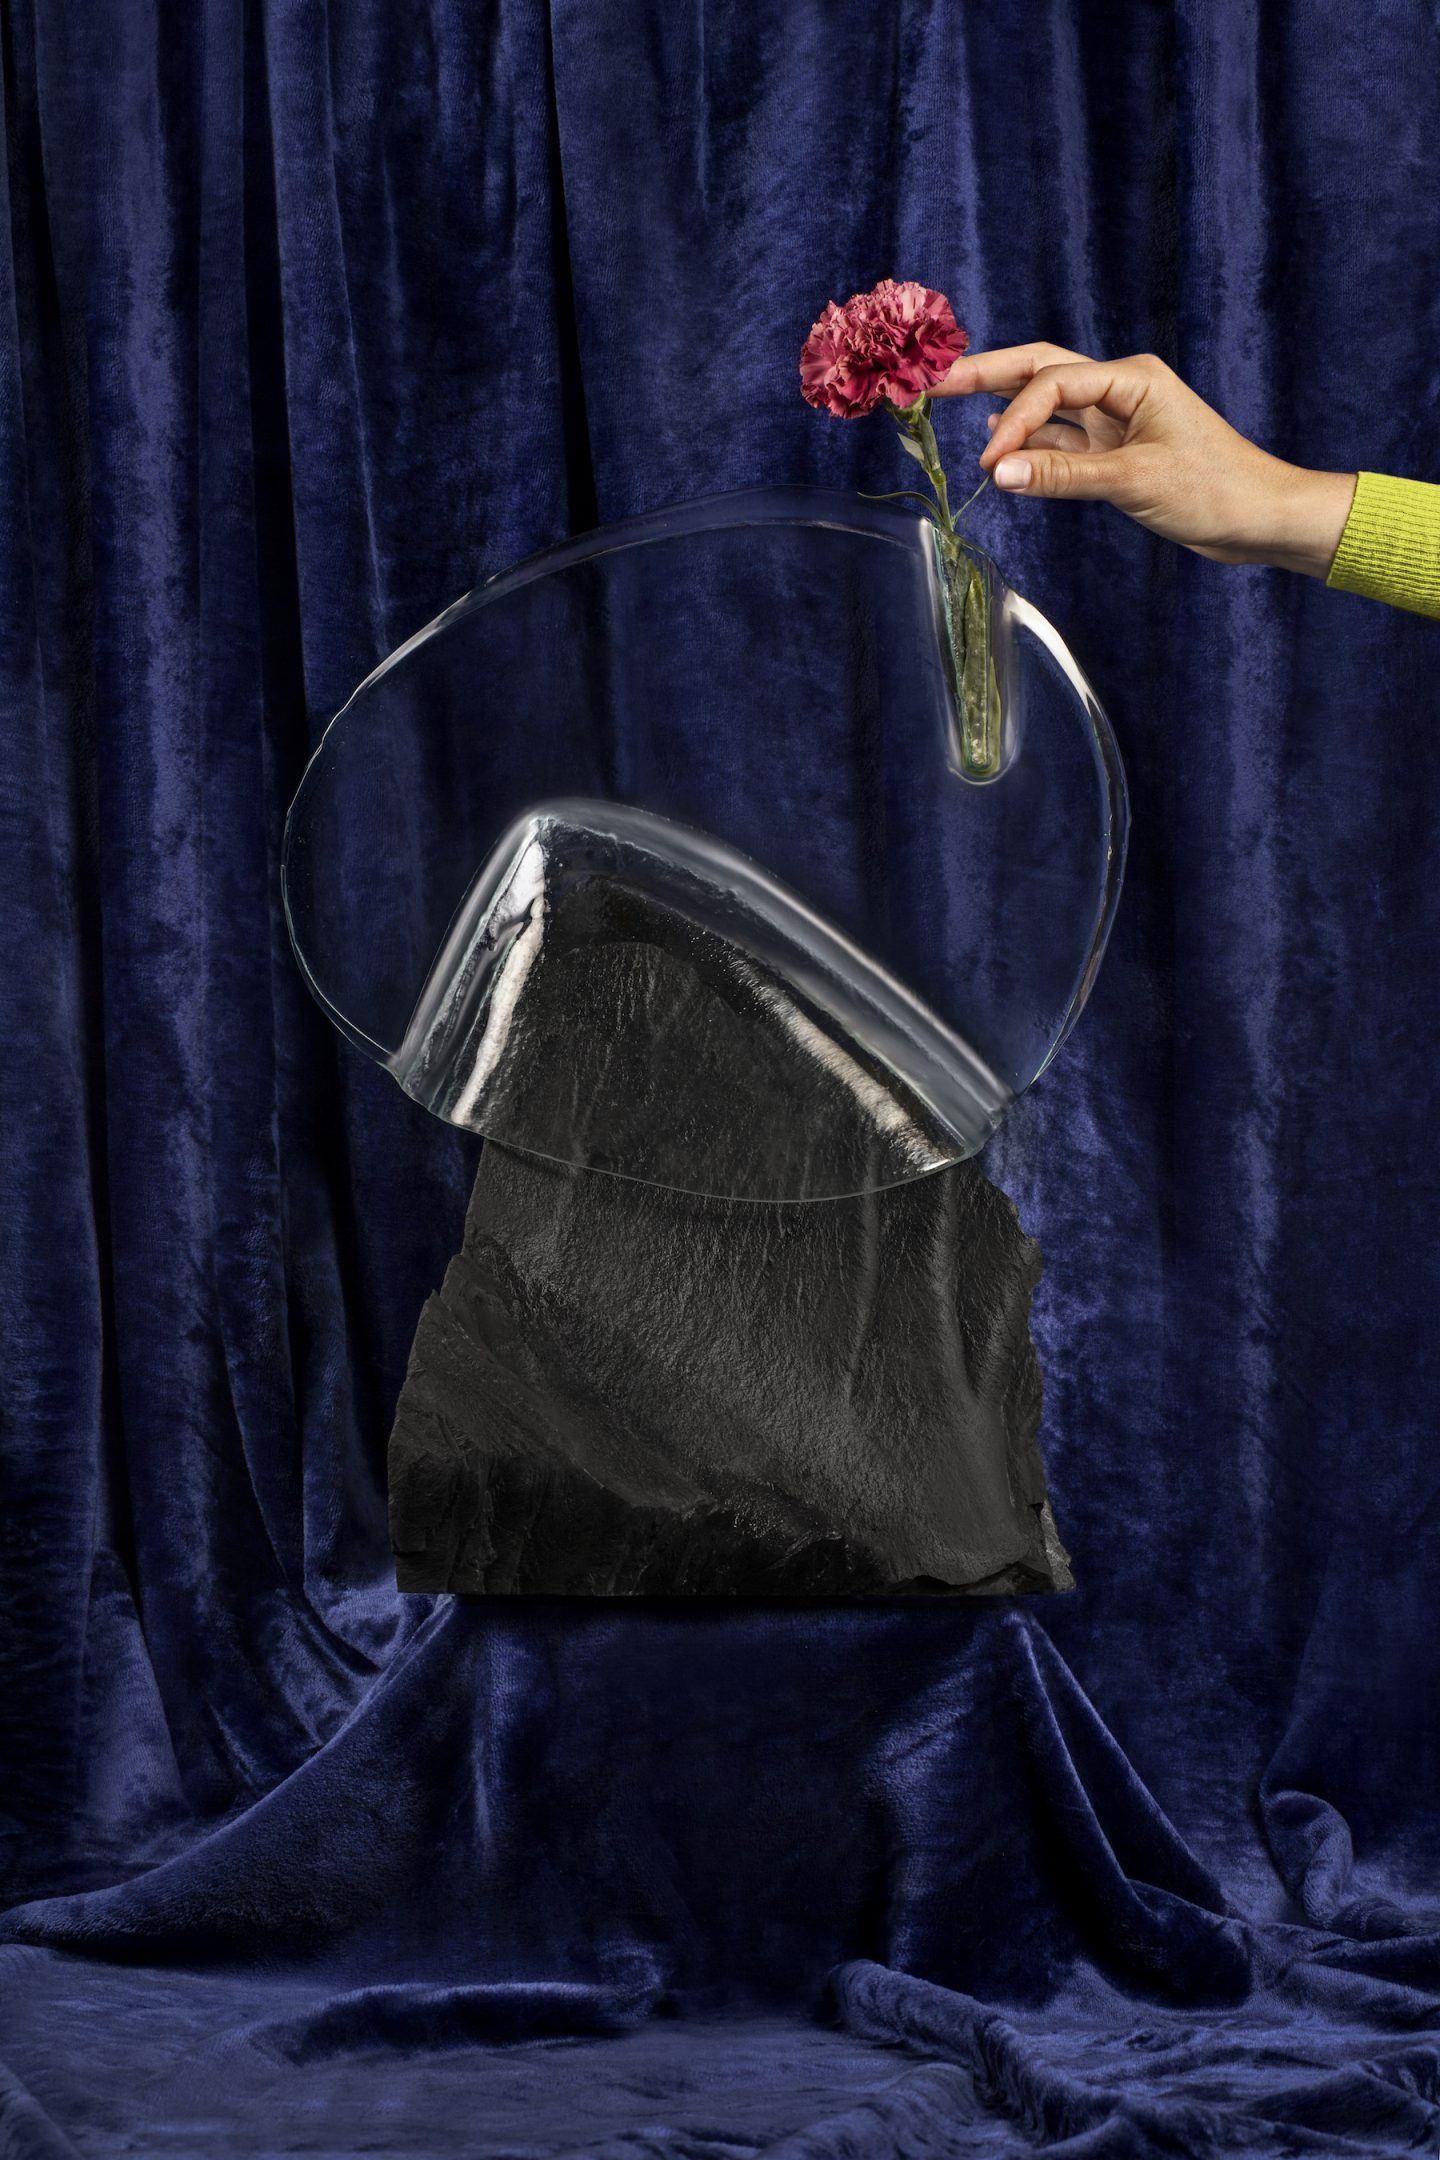 iGNANT-Design-Sara-Ricciardi-Vases-003